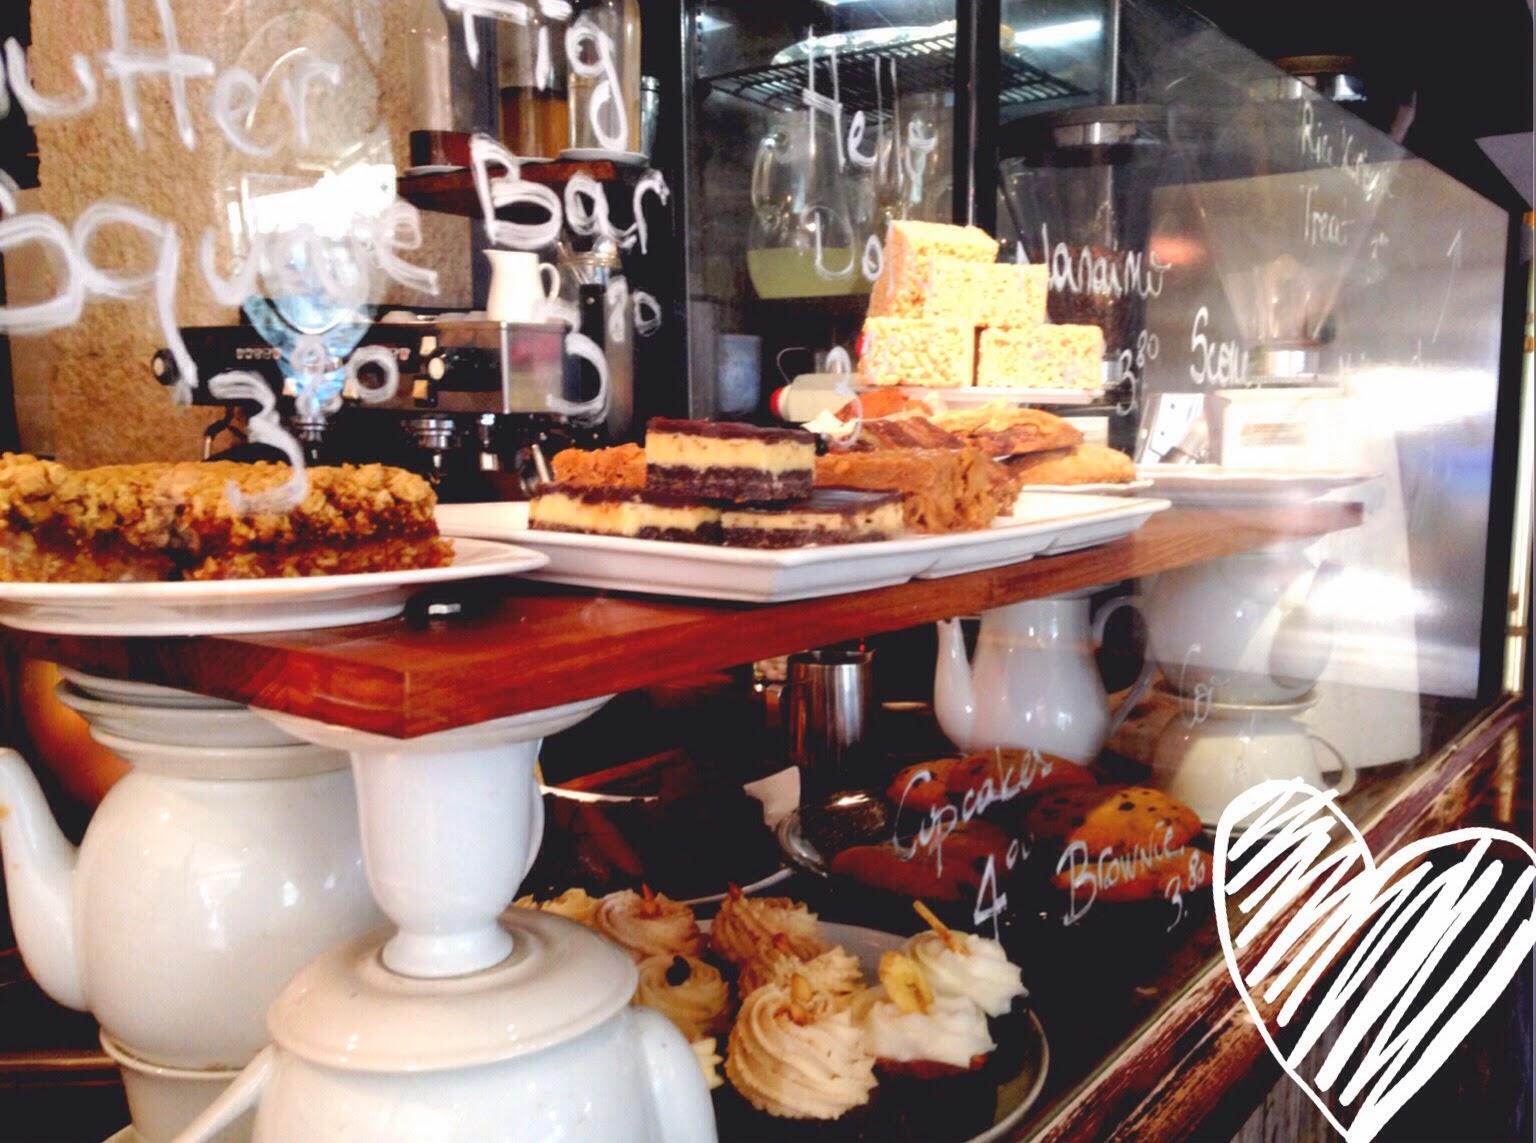 Sugarplum Cake Shop Paris Miam Home Made Patisseries Fait Maison